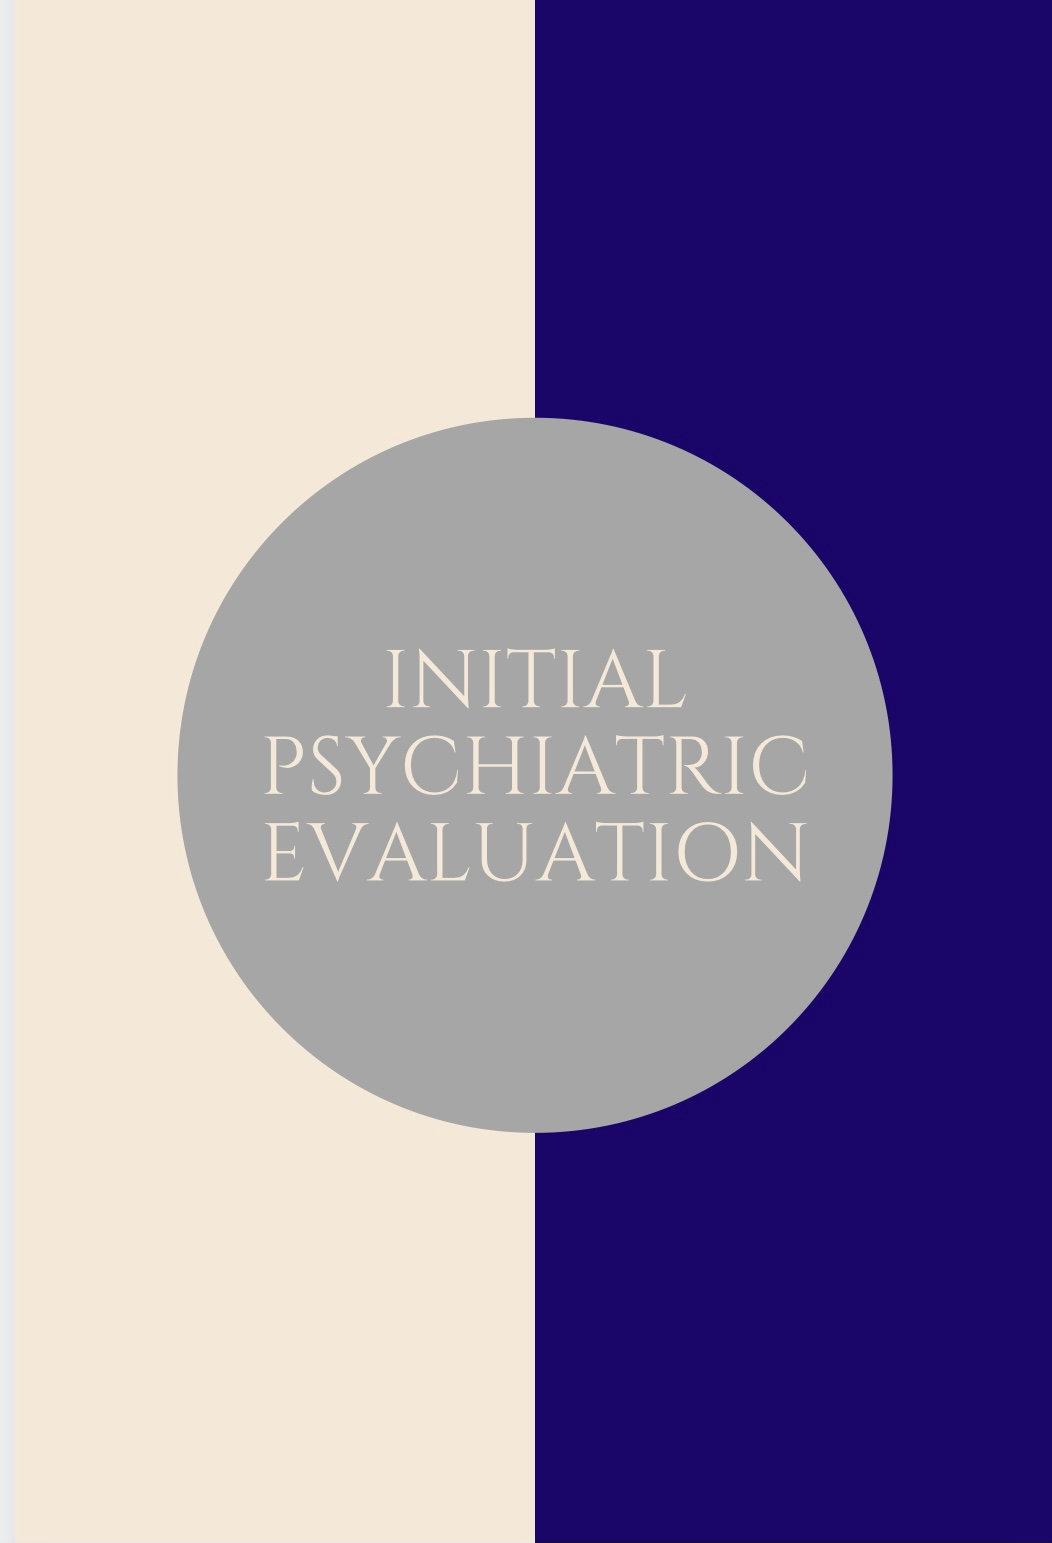 Initial Psychiatric Evaluation